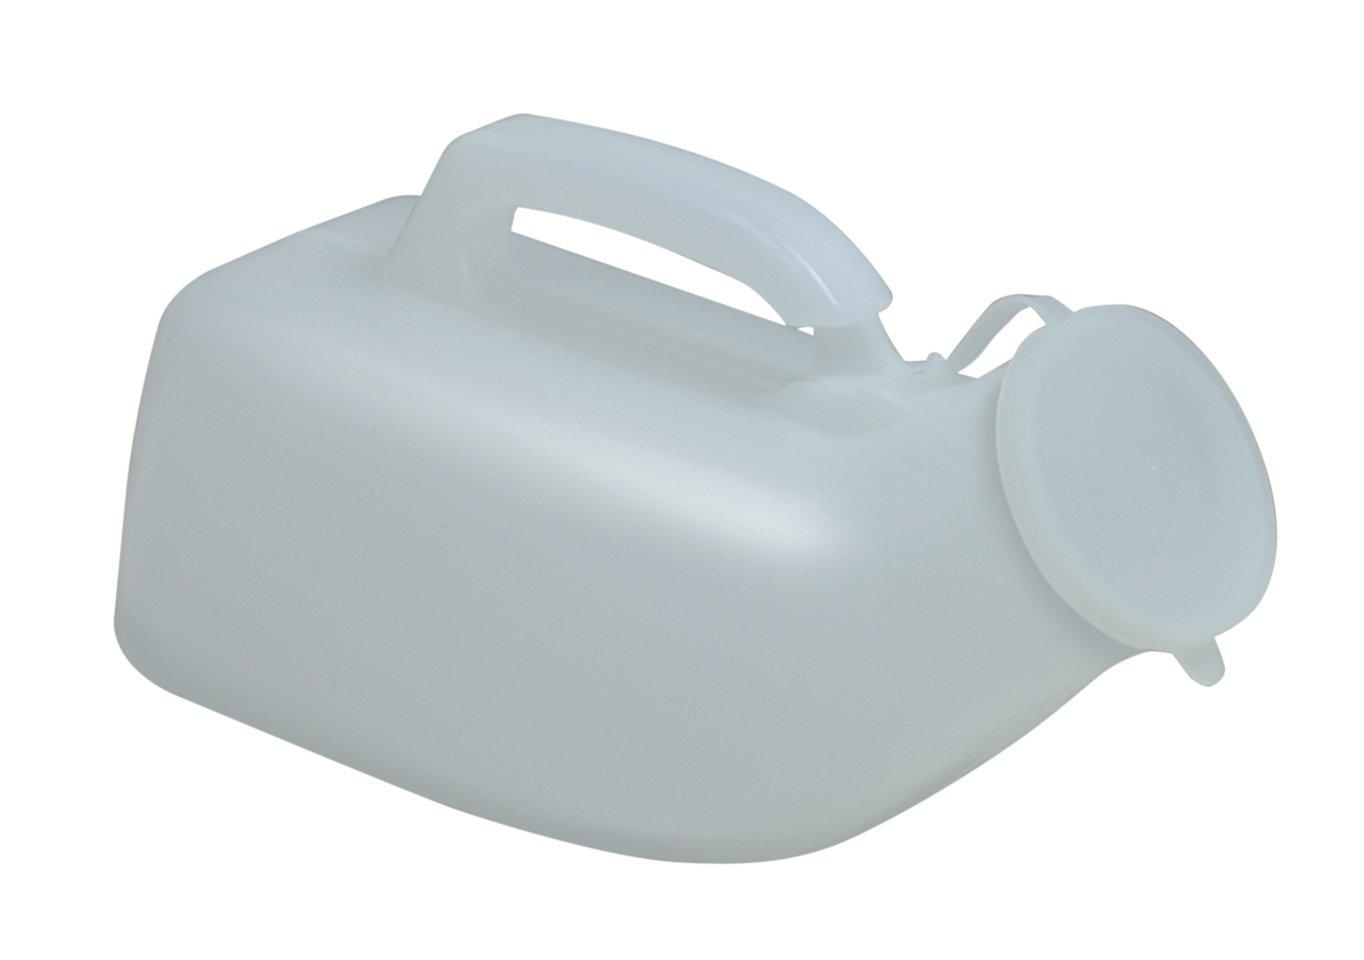 Urinoir pour Homme Transportable 1 LITRE Aidapt VR270